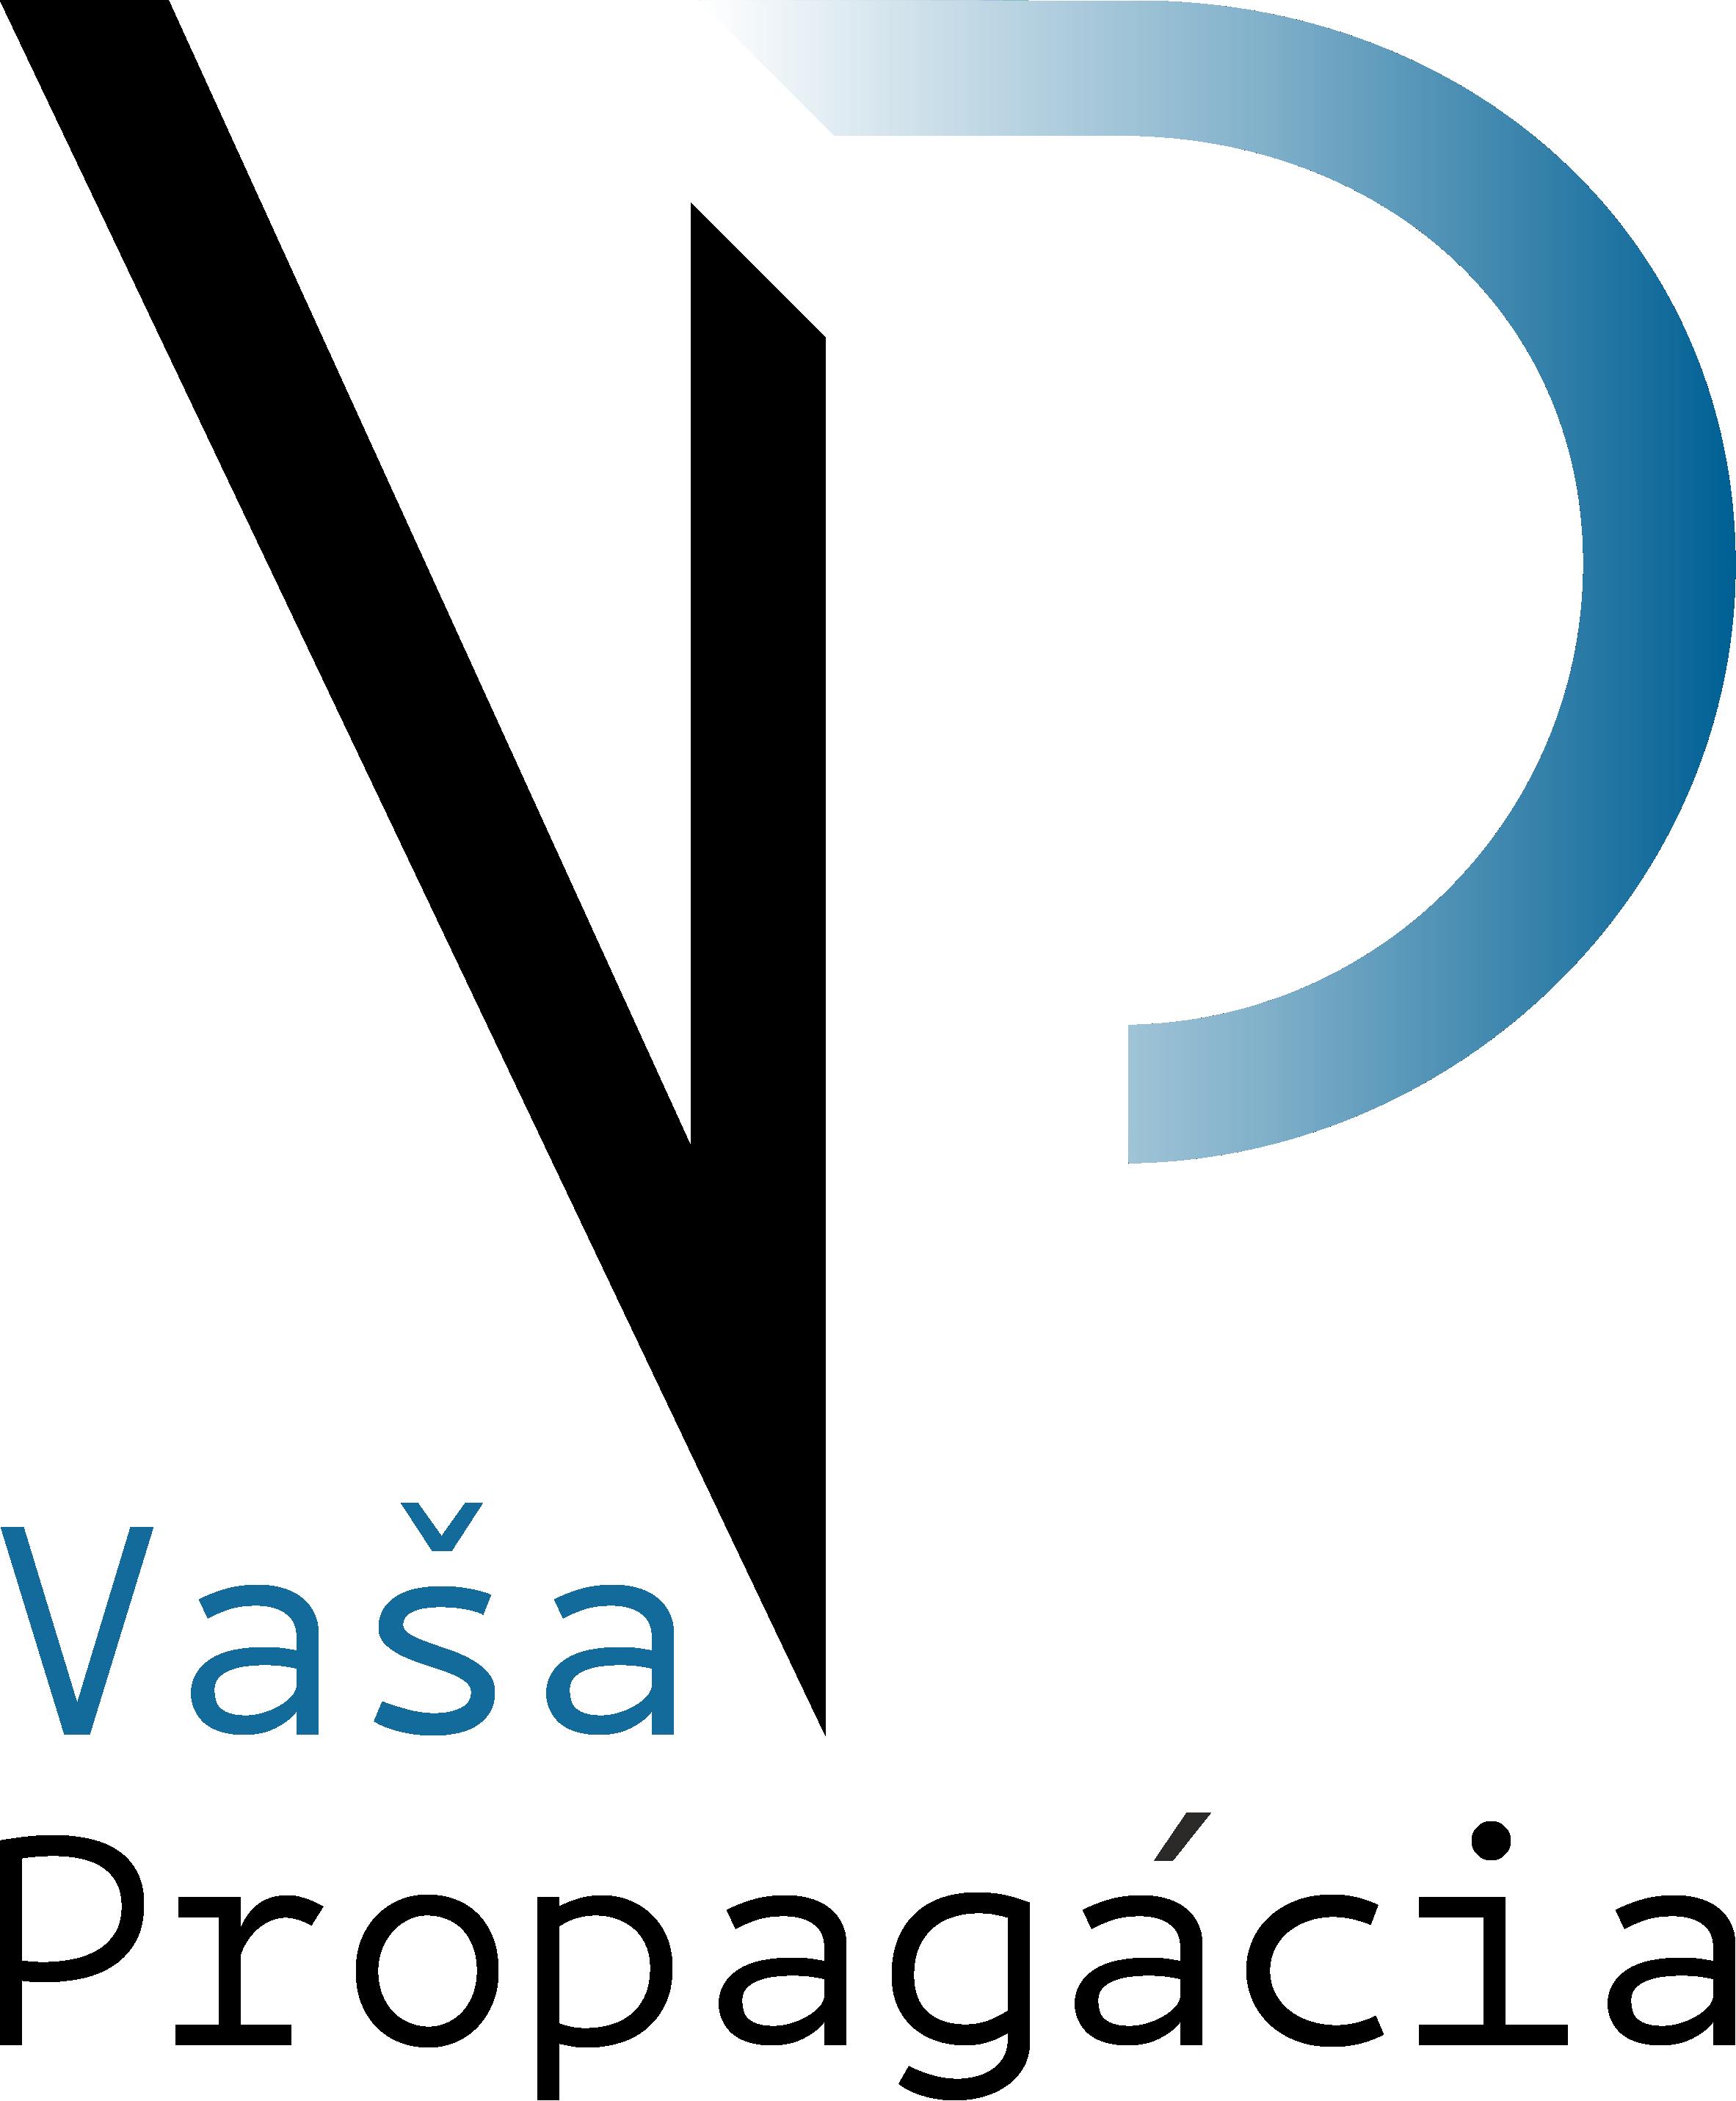 vasa propagacia logo new_1